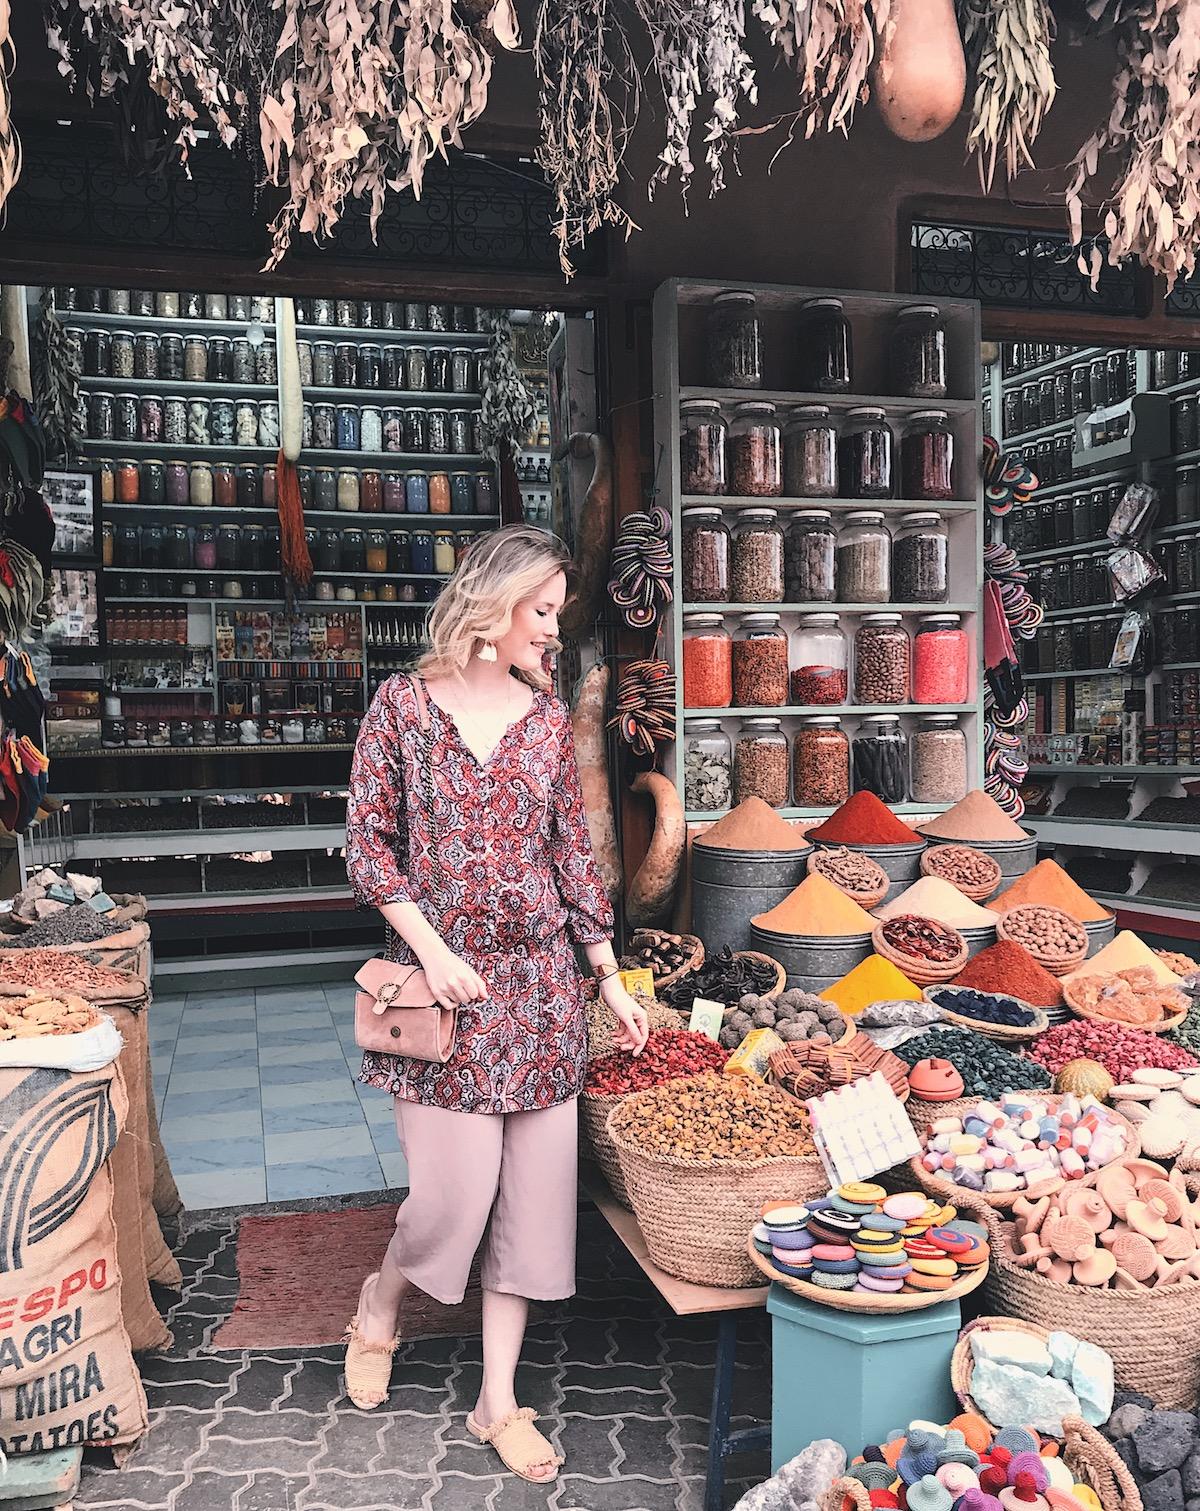 Überlebenstipps auf den Souks Marrakesch Souks verhandeln Orientierungspreise Souks Was sind angemessene Preise auf dem Souk Gewürze Lampen Tee Teppiche Teller Bestickte Korbtasche Schuhe